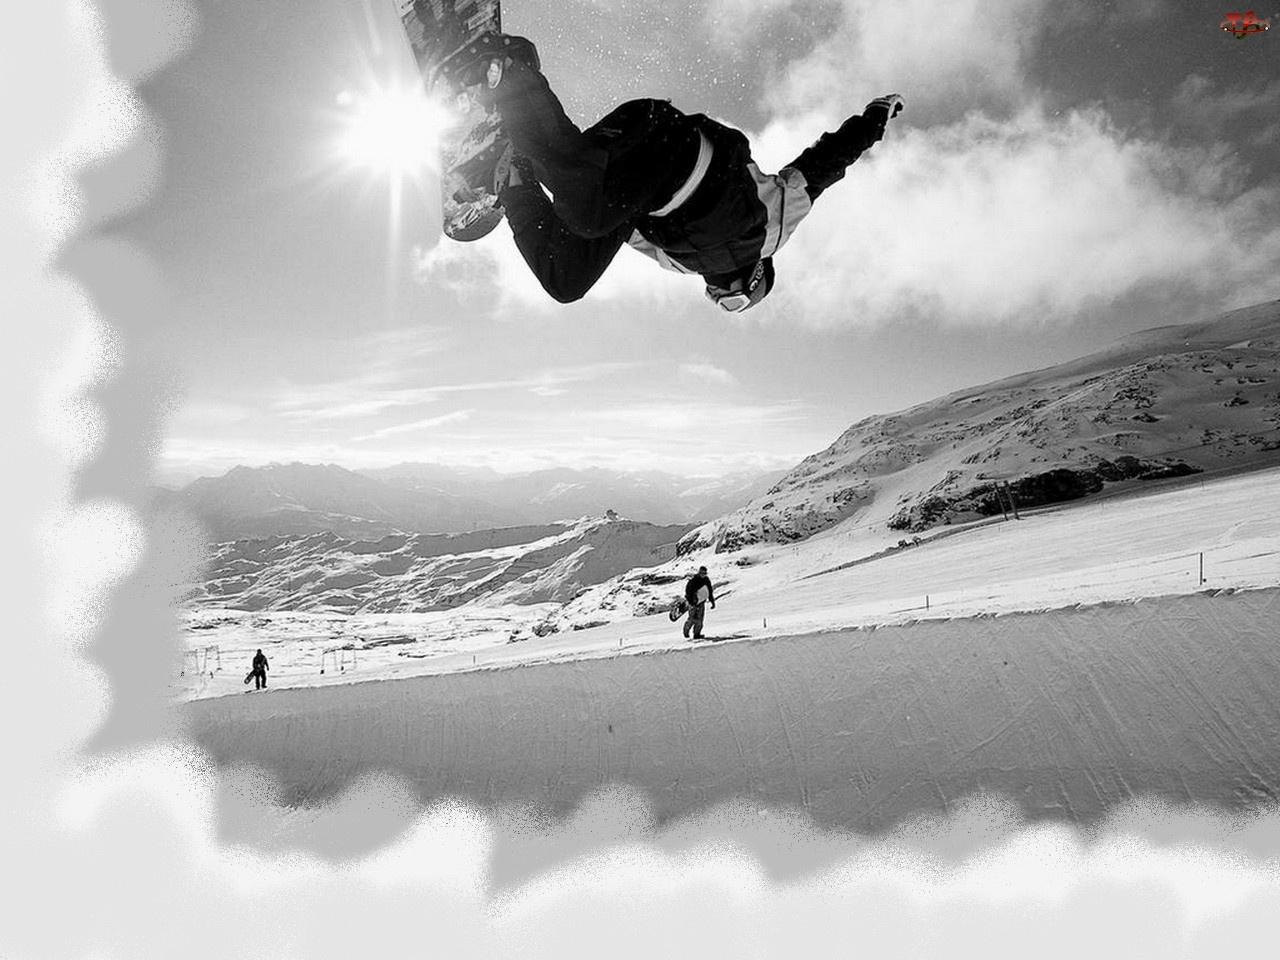 słońce, Snowbording, śnieg, deska , zima